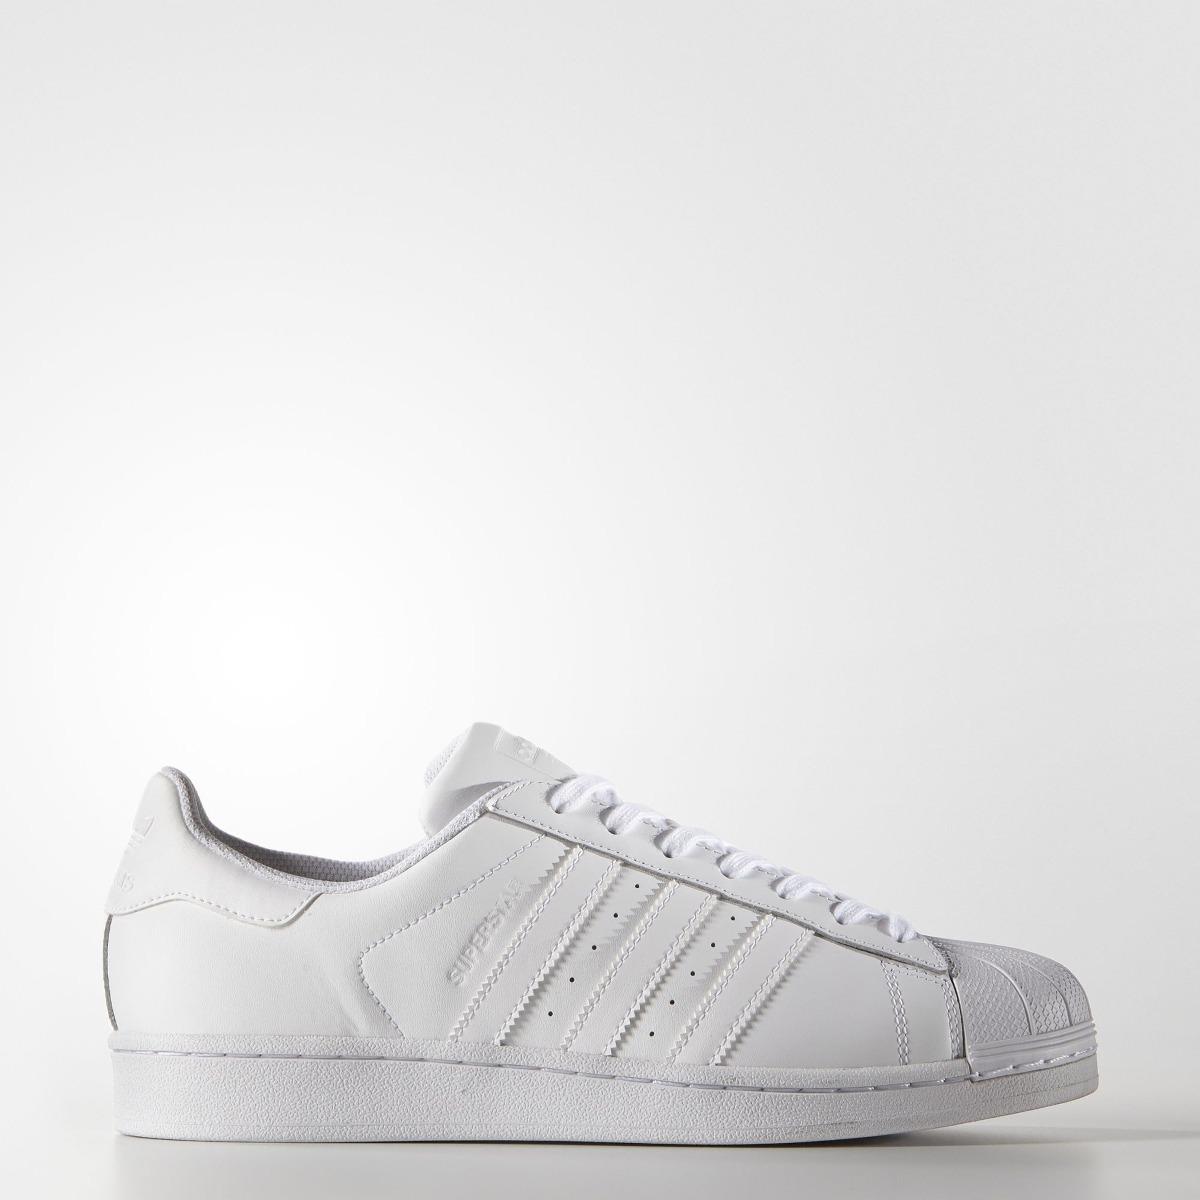 zapatillas adidas superstar blancas mujer